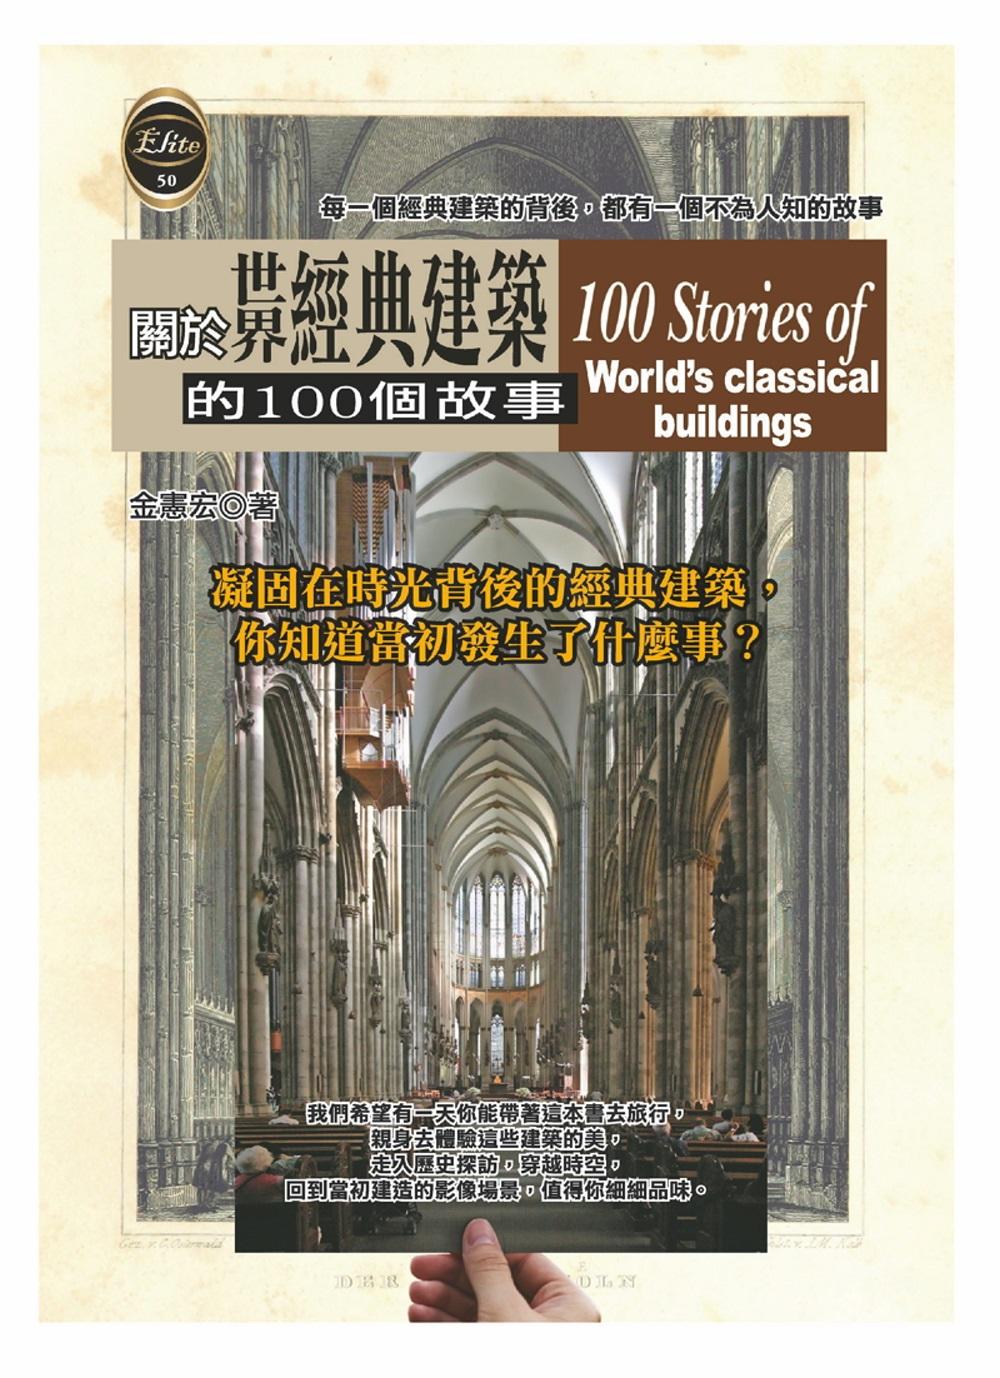 關於世界經典建築的100個故事